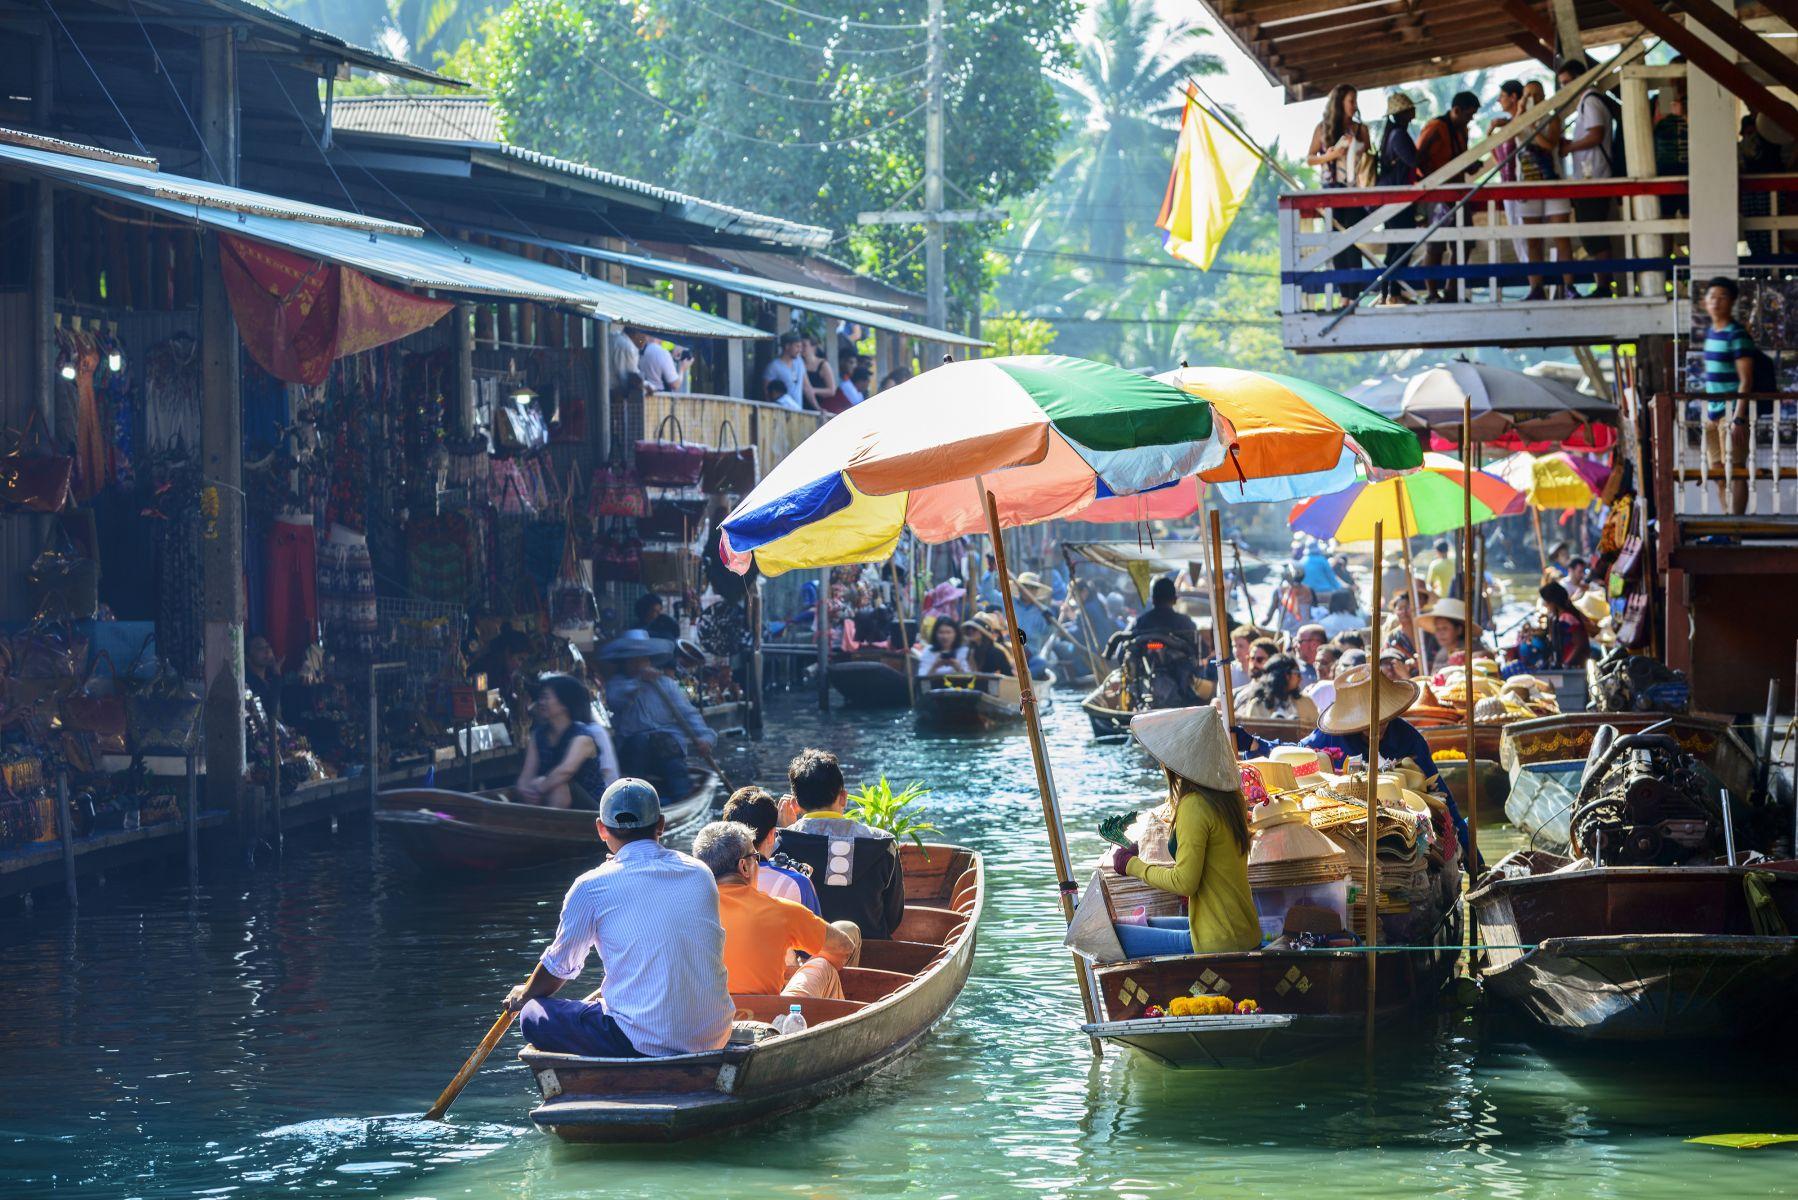 泰國是旅遊最危險國家?別被數字迷惑了